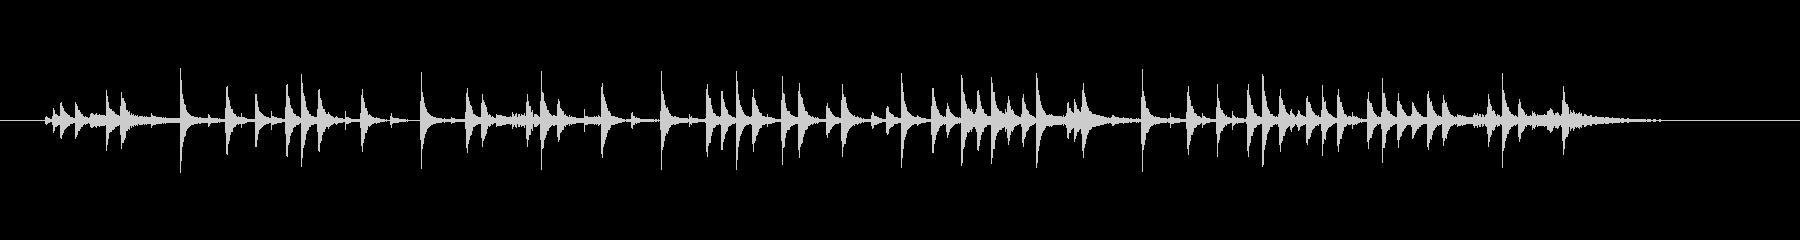 クールなドラムソロ 15秒CMなどの未再生の波形